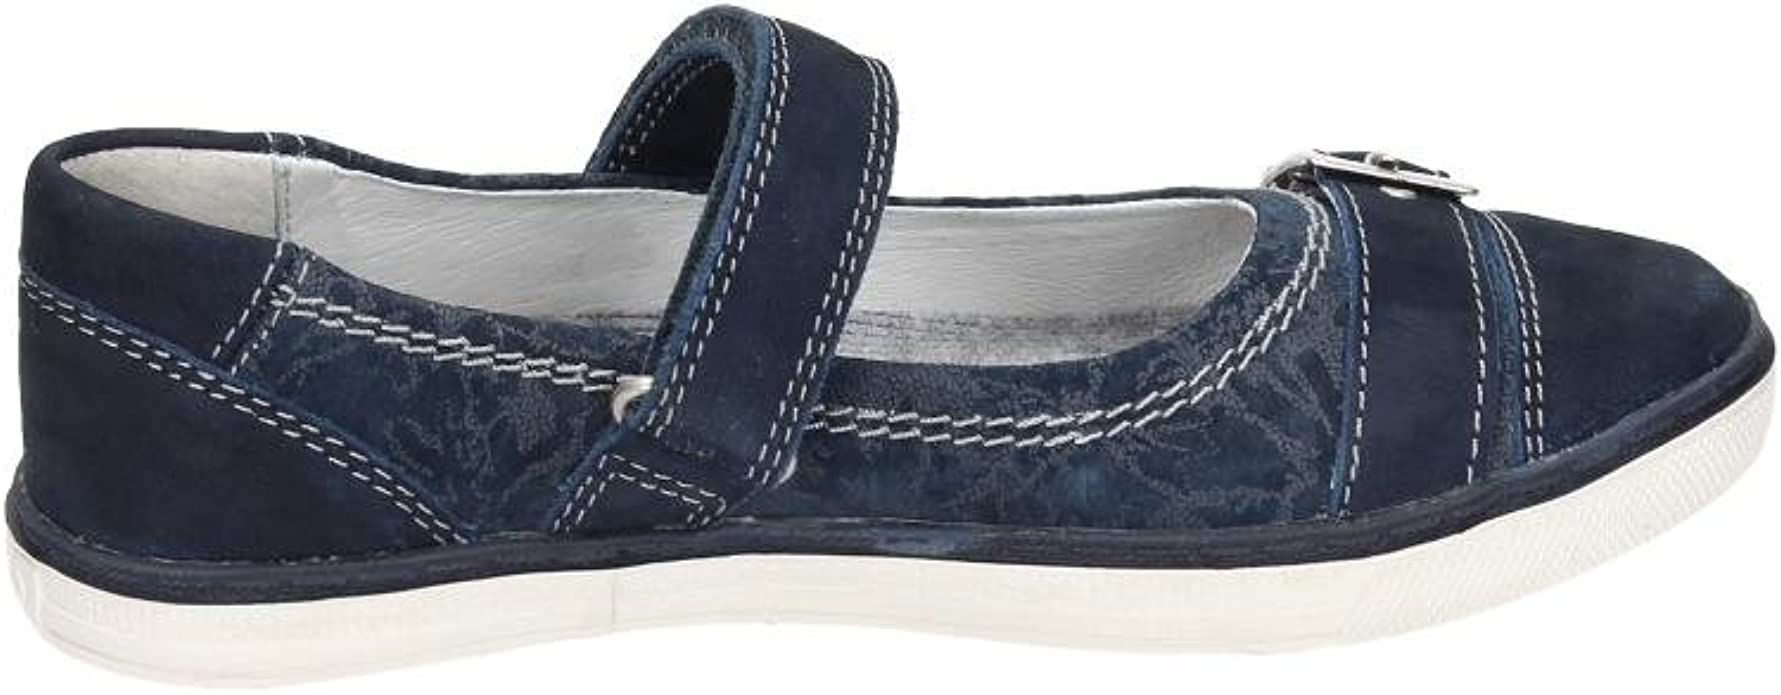 Vado girls girl slippers jeans